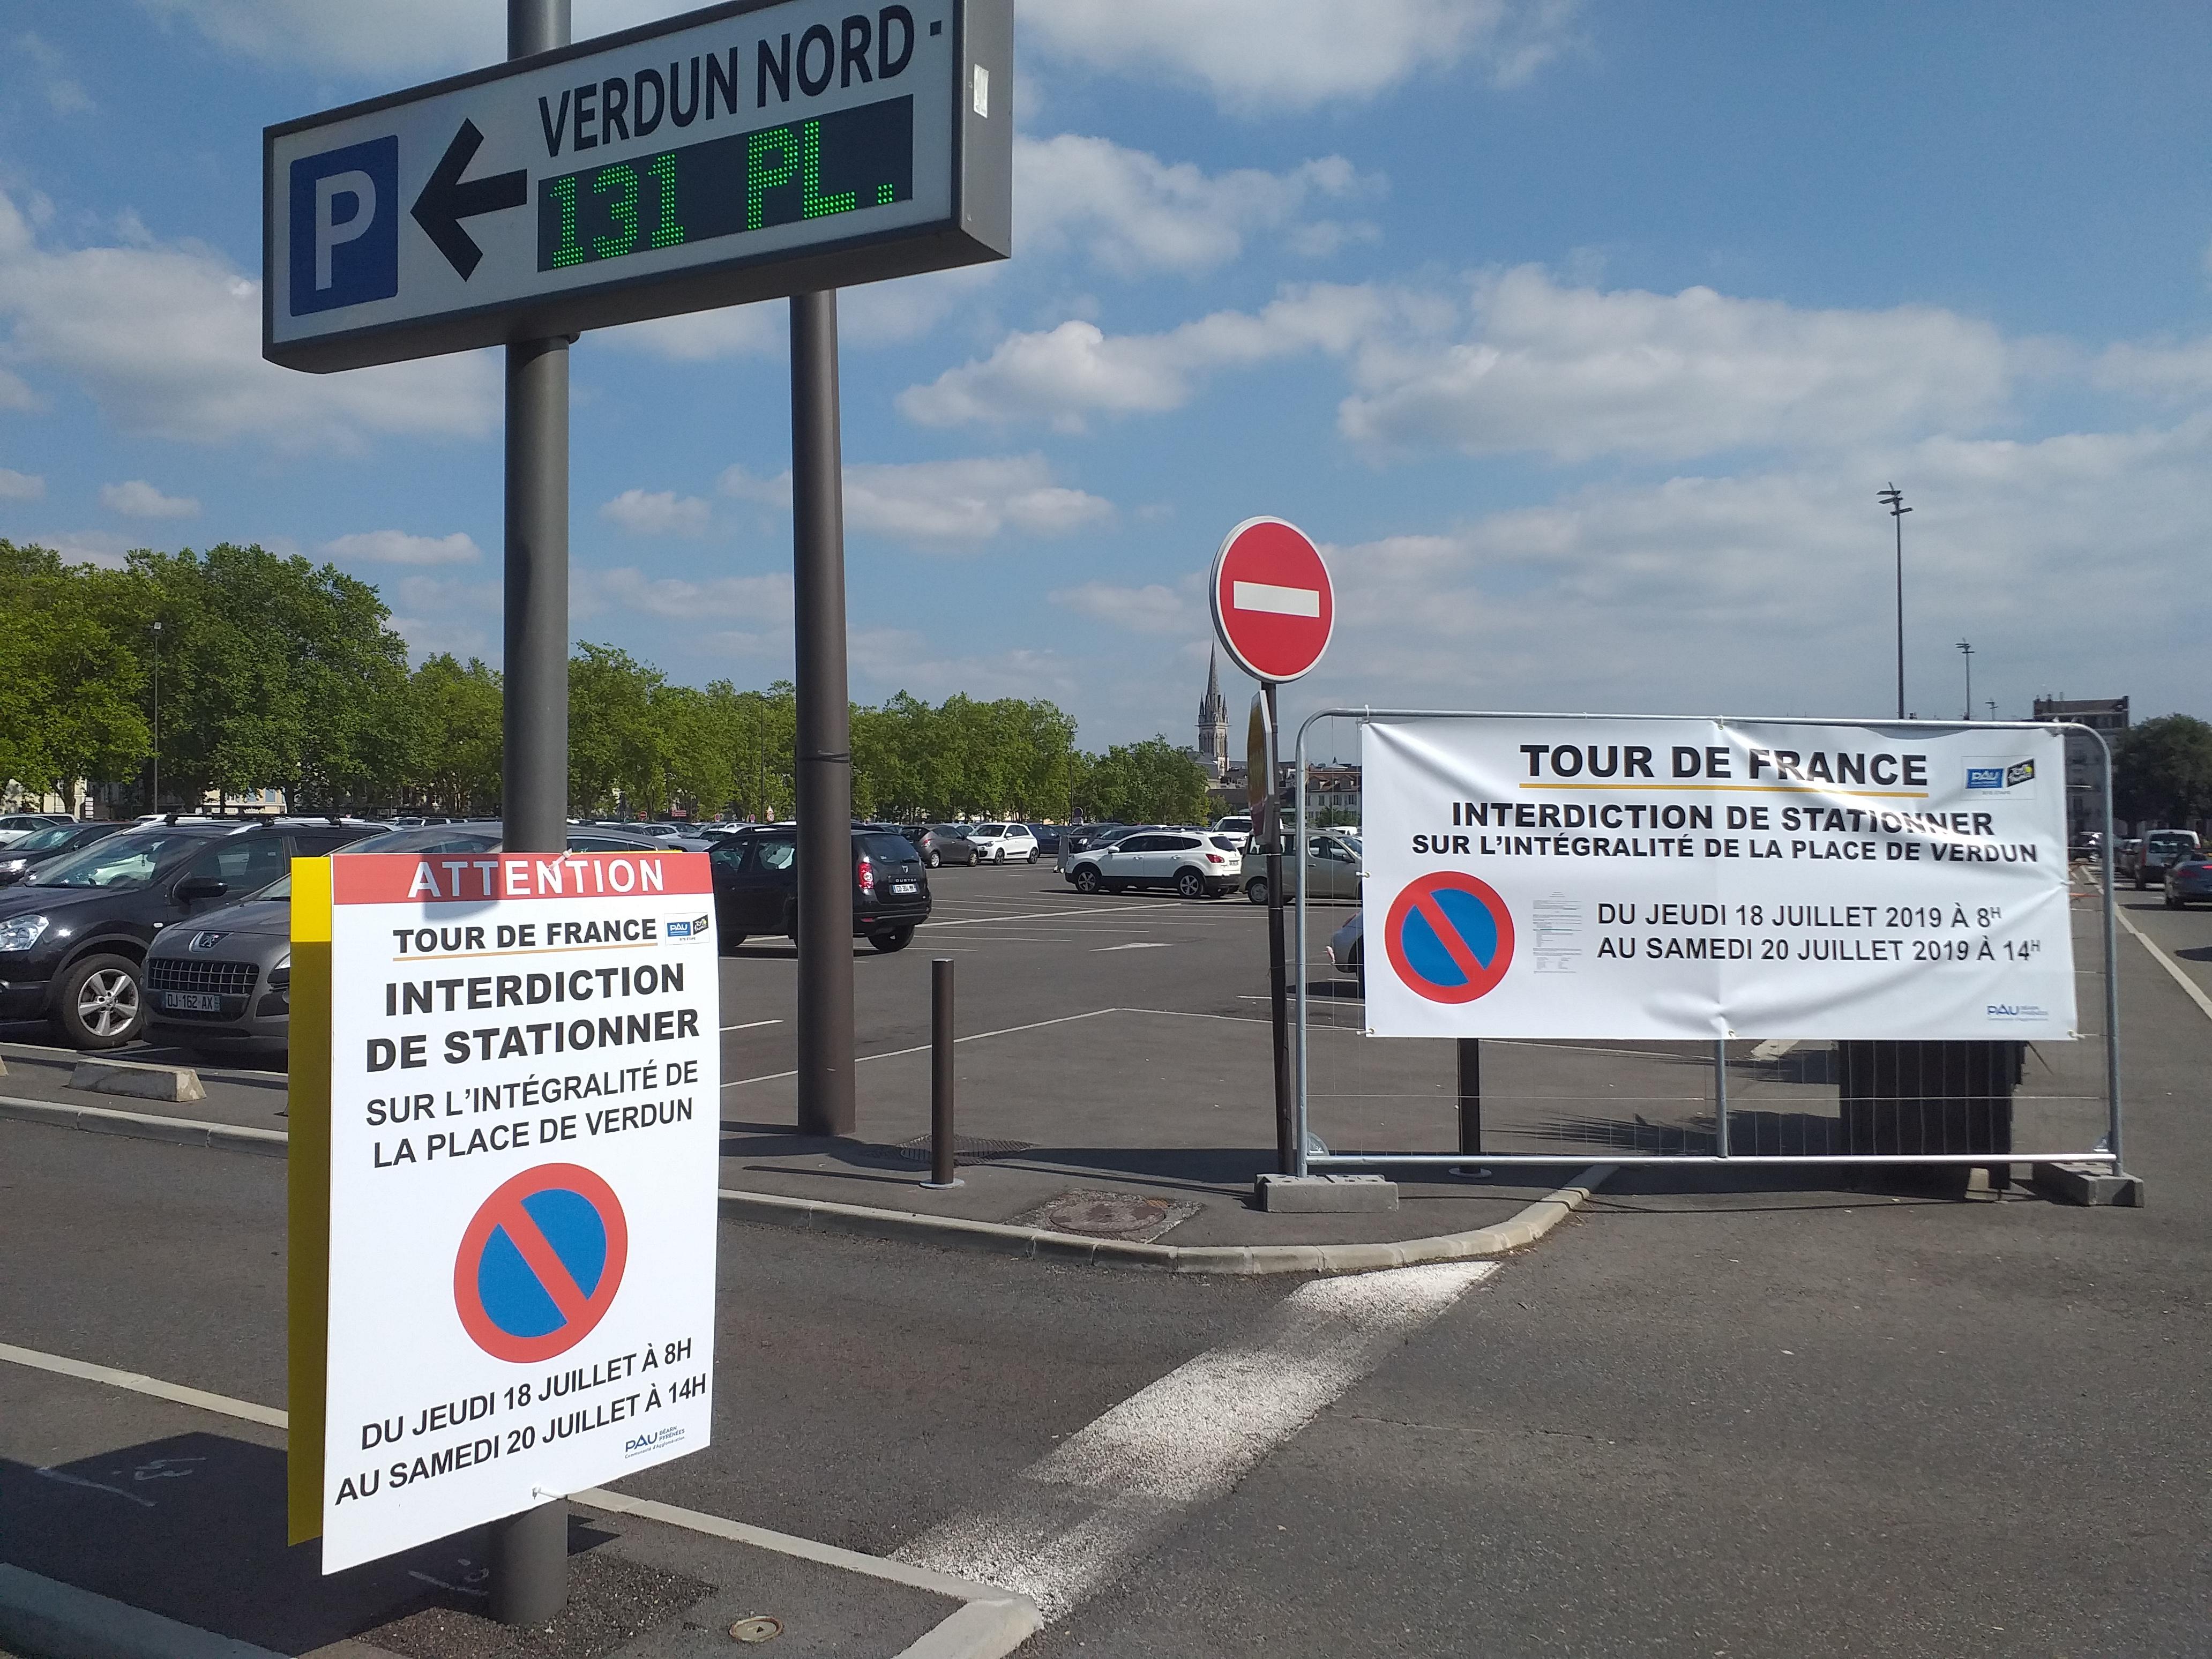 Guide de la circulation et du stationnement pour le tour de France à Pau